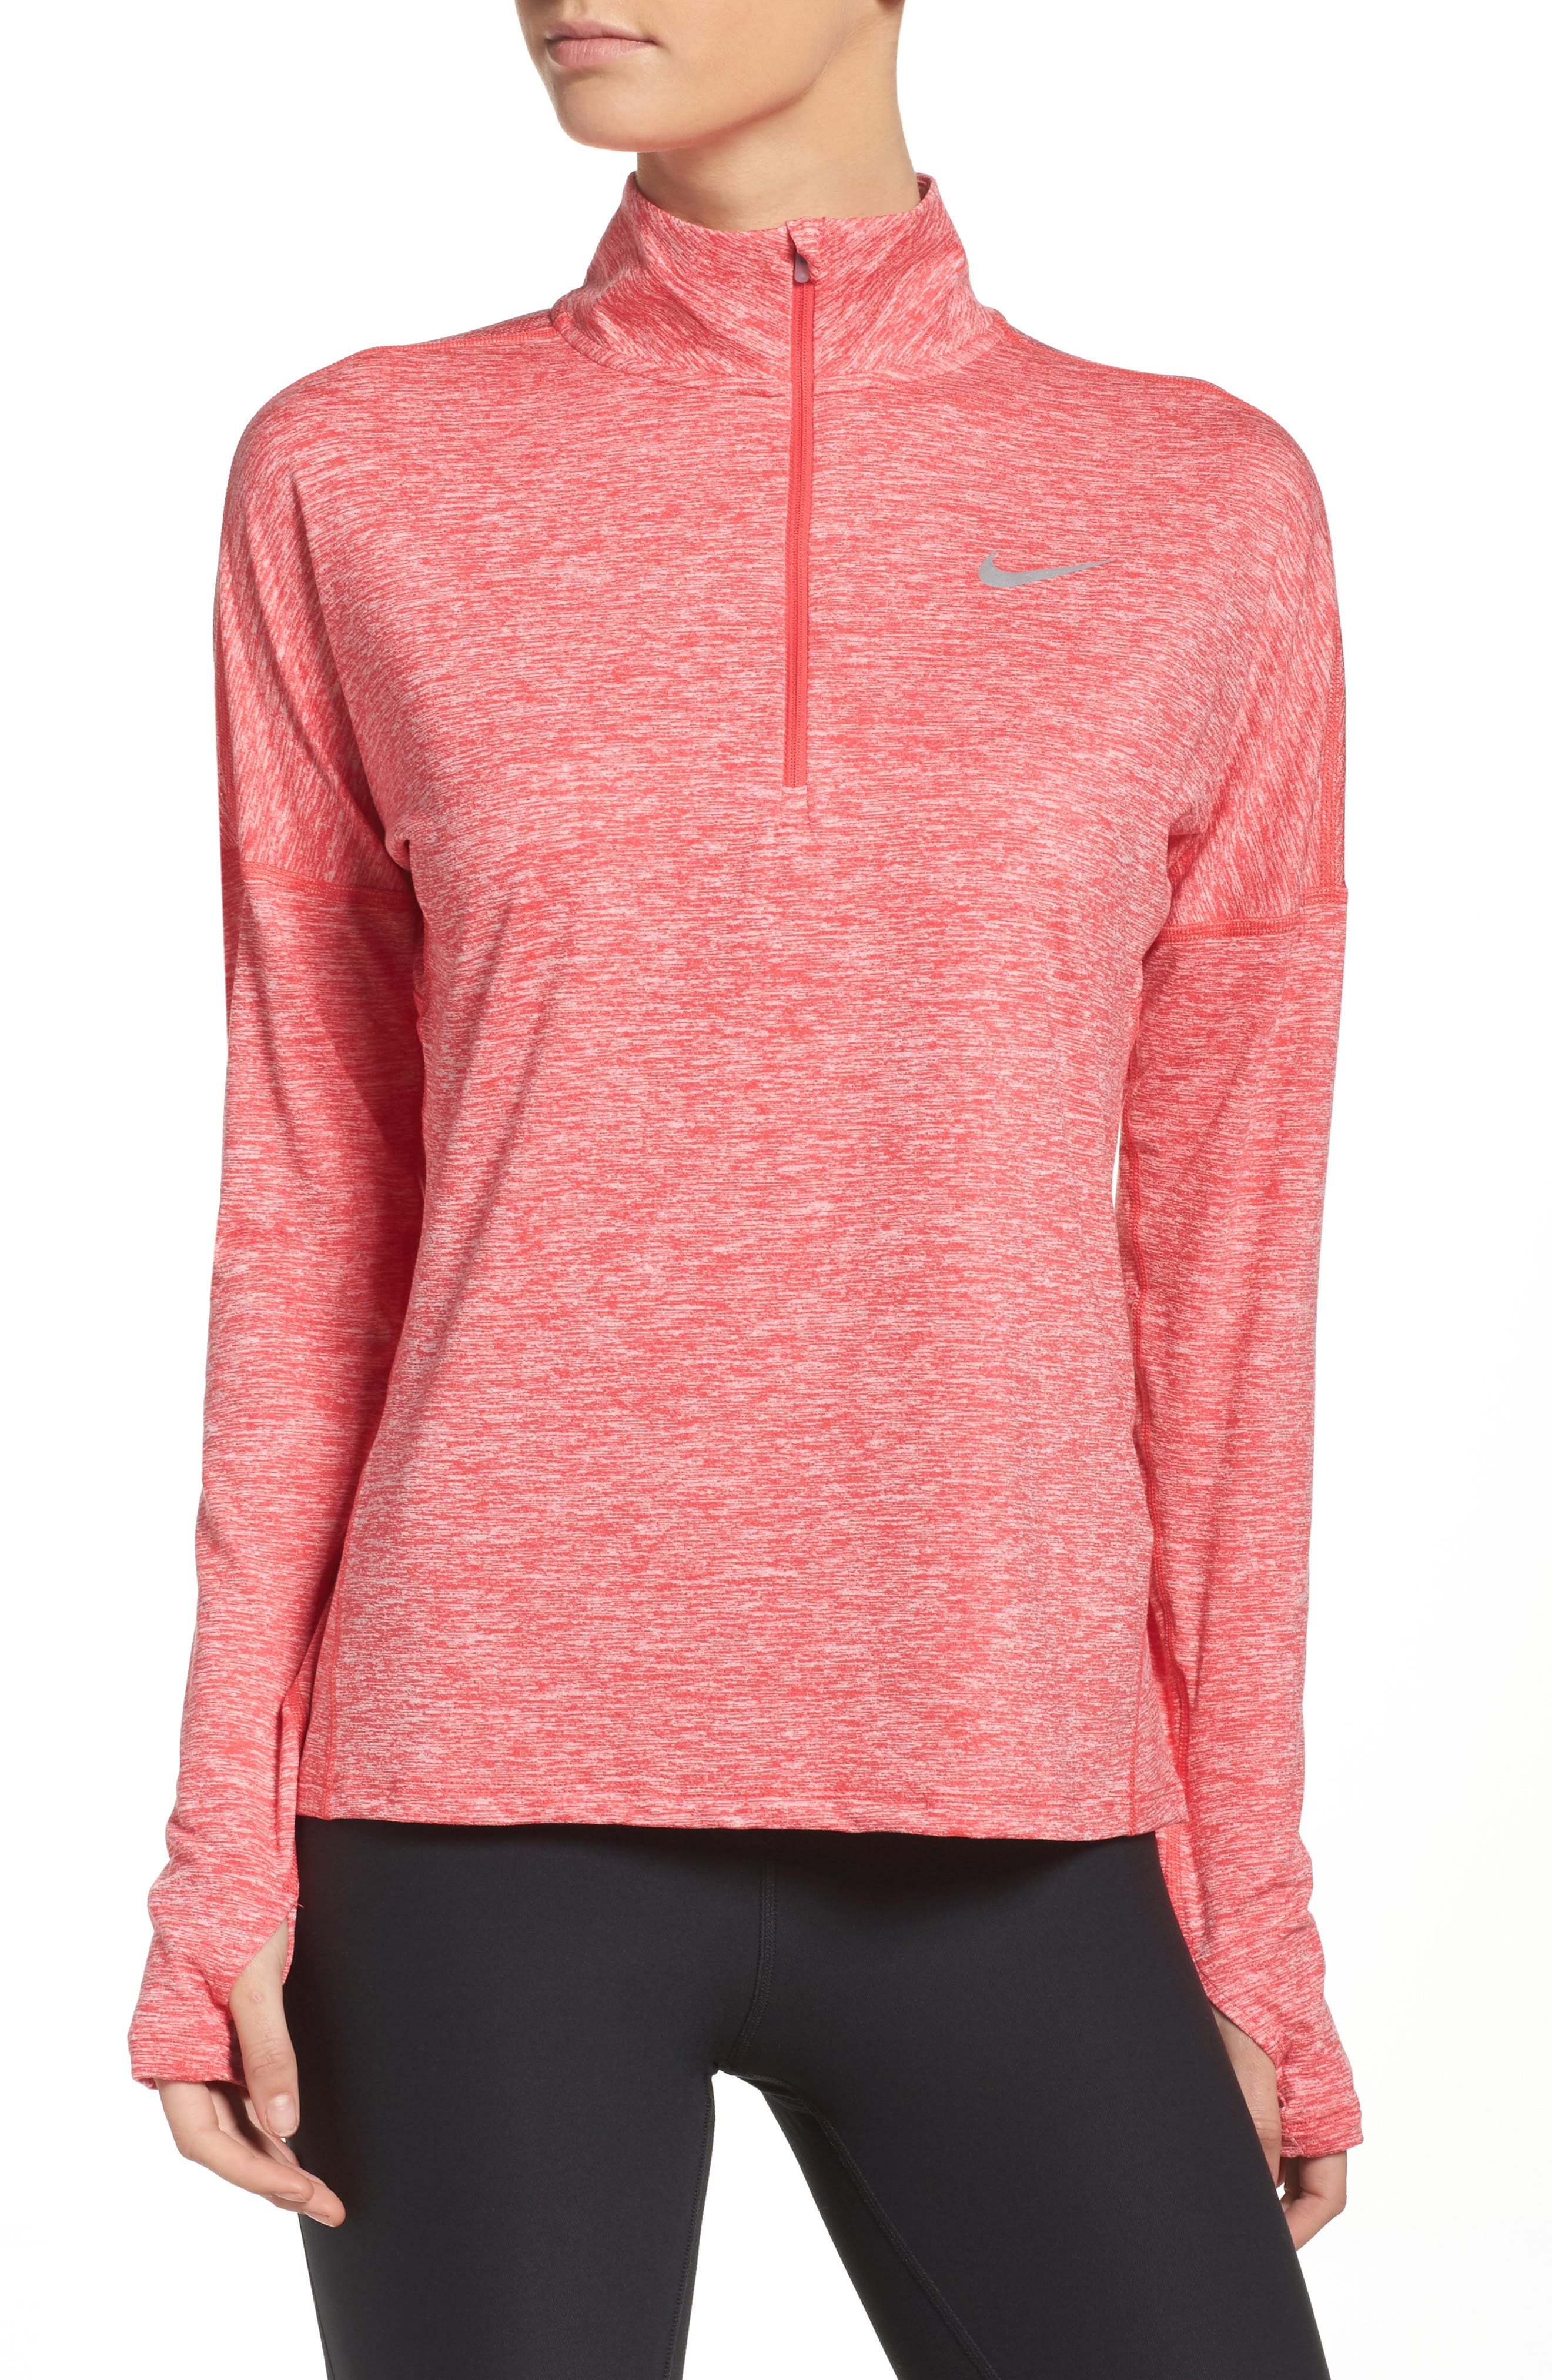 Nike Dry Element Half Zip Top